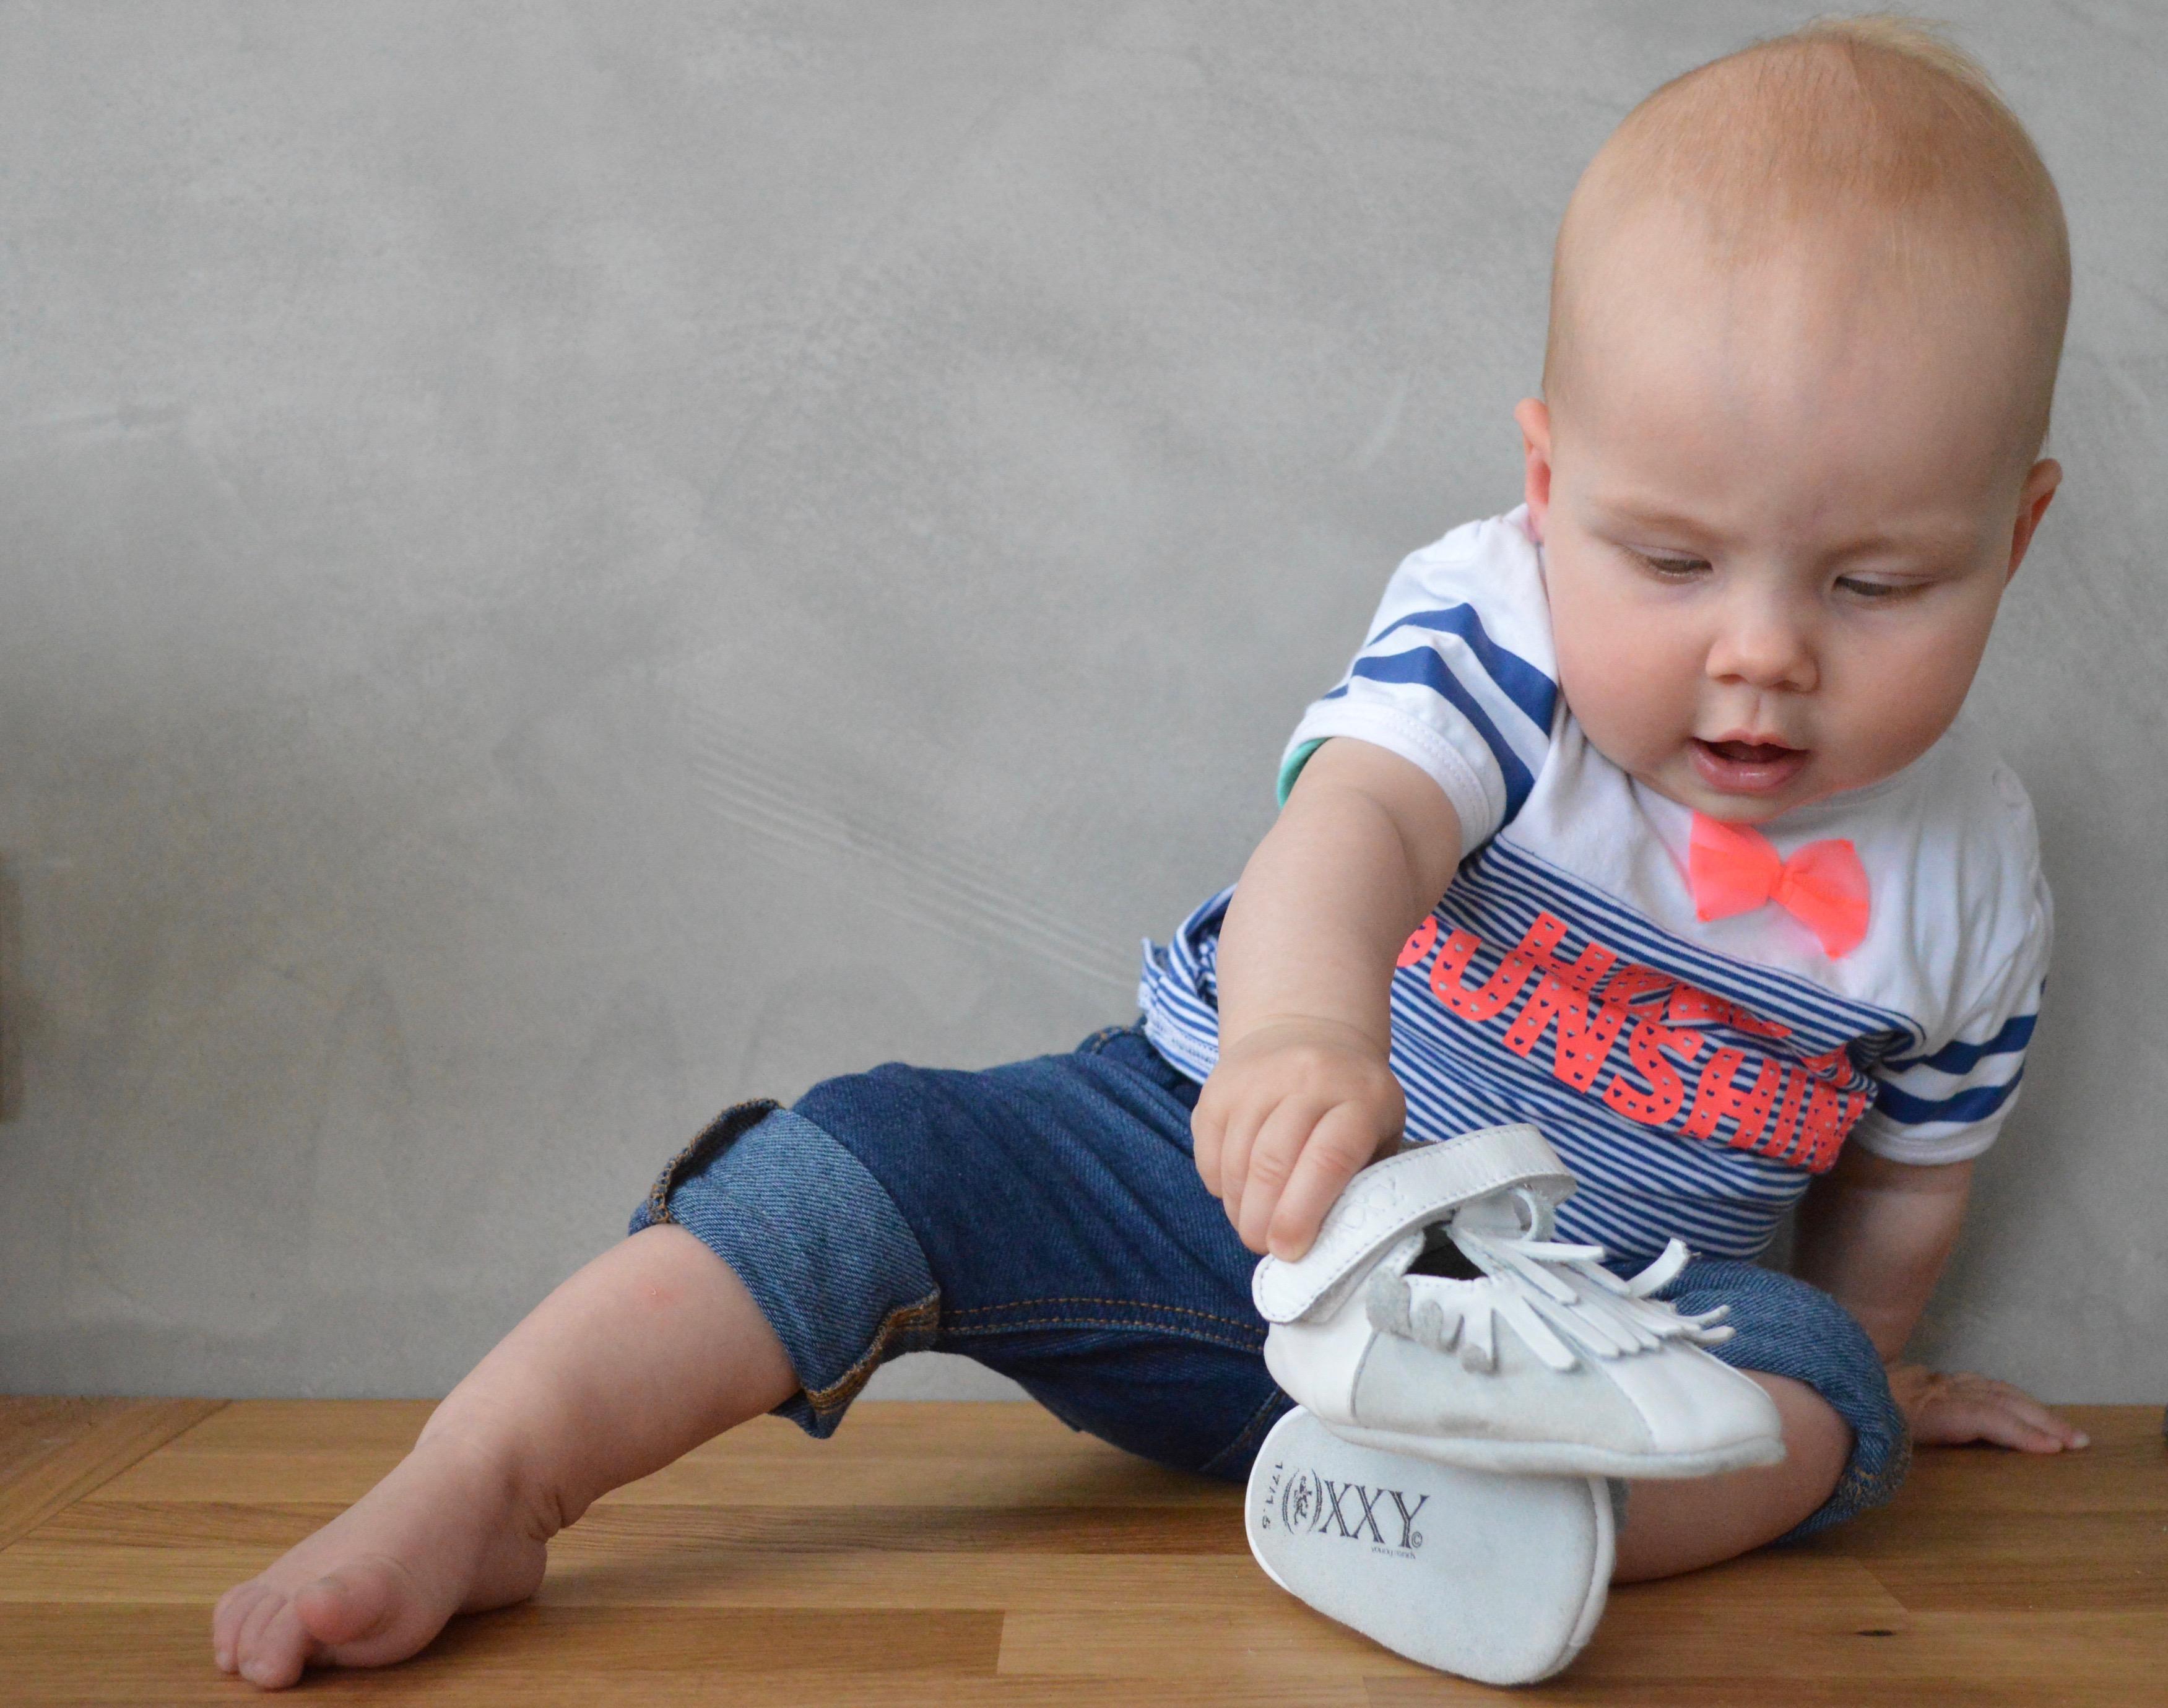 7-16-oxxy-schoentjes-baby-boofies-webshop-schoenen-groot-breed-baby-kinderen-kinderschoenen-review-moeder-nanny-amsterdam-passen